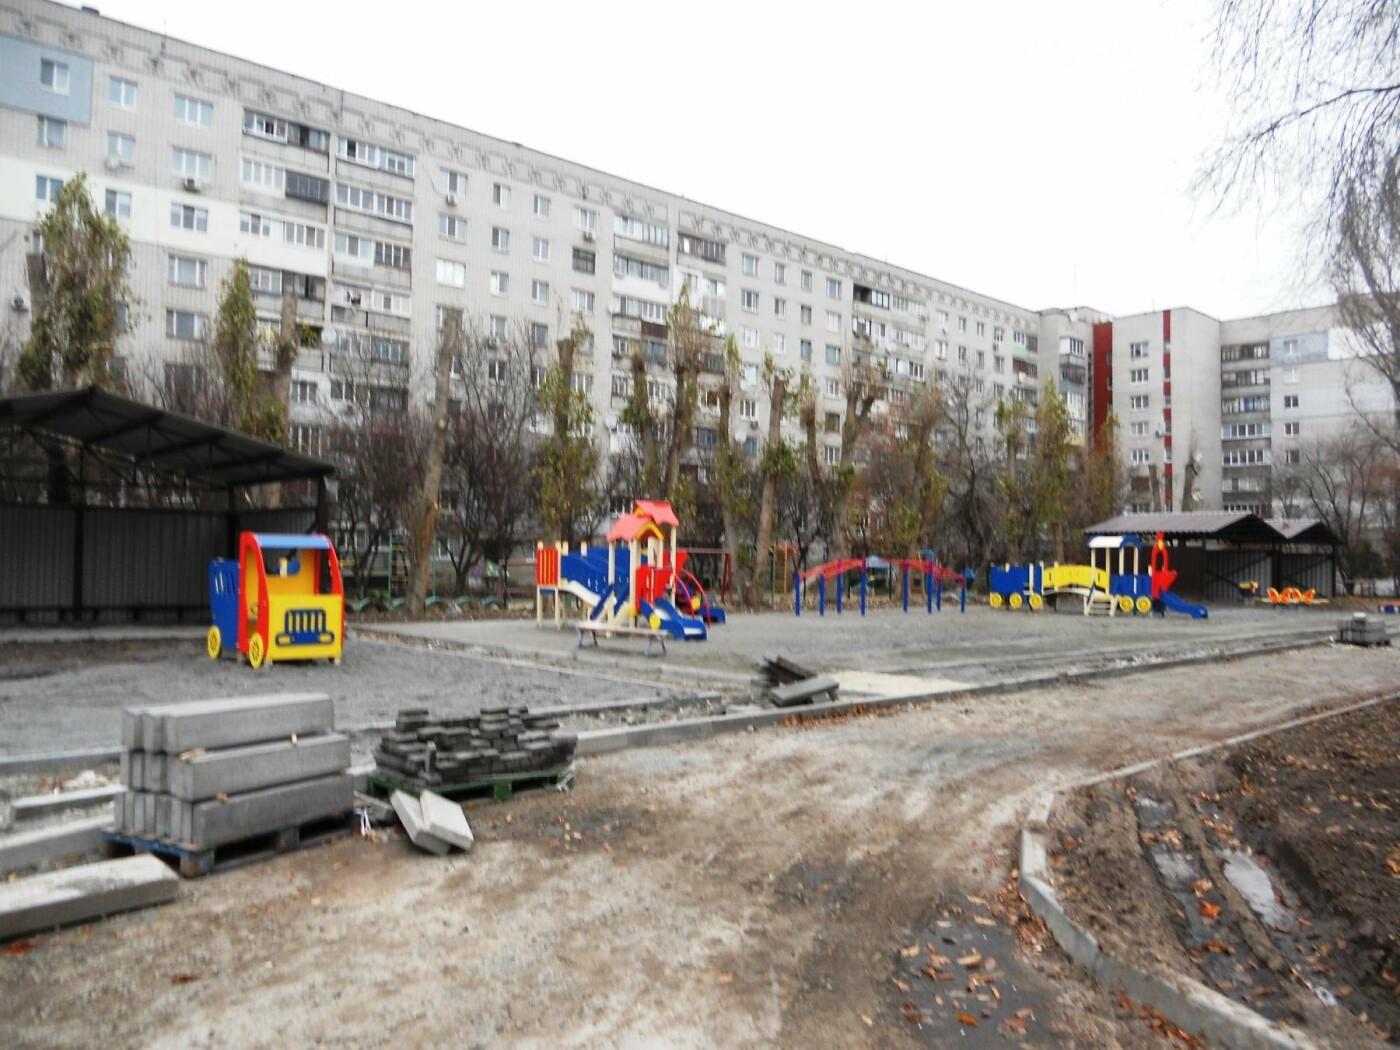 Детсад «Чебурашка» в Новомосковске: реконструкция завершается, а крыша течет, фото-14